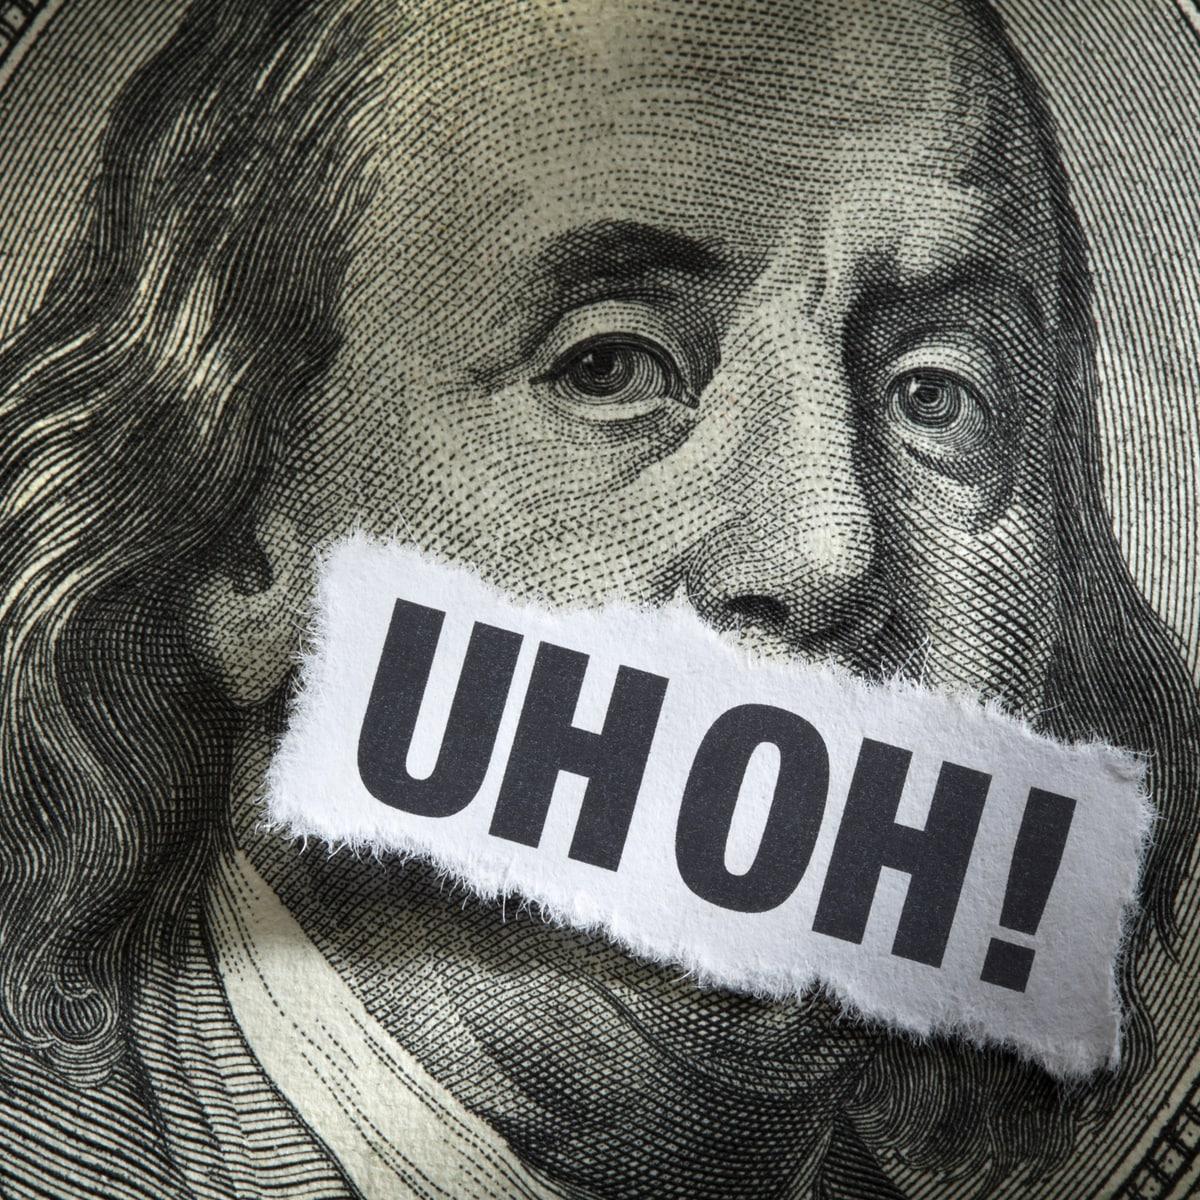 Gli errori da non fare con il proprio denaro, soprattutto in fase 2